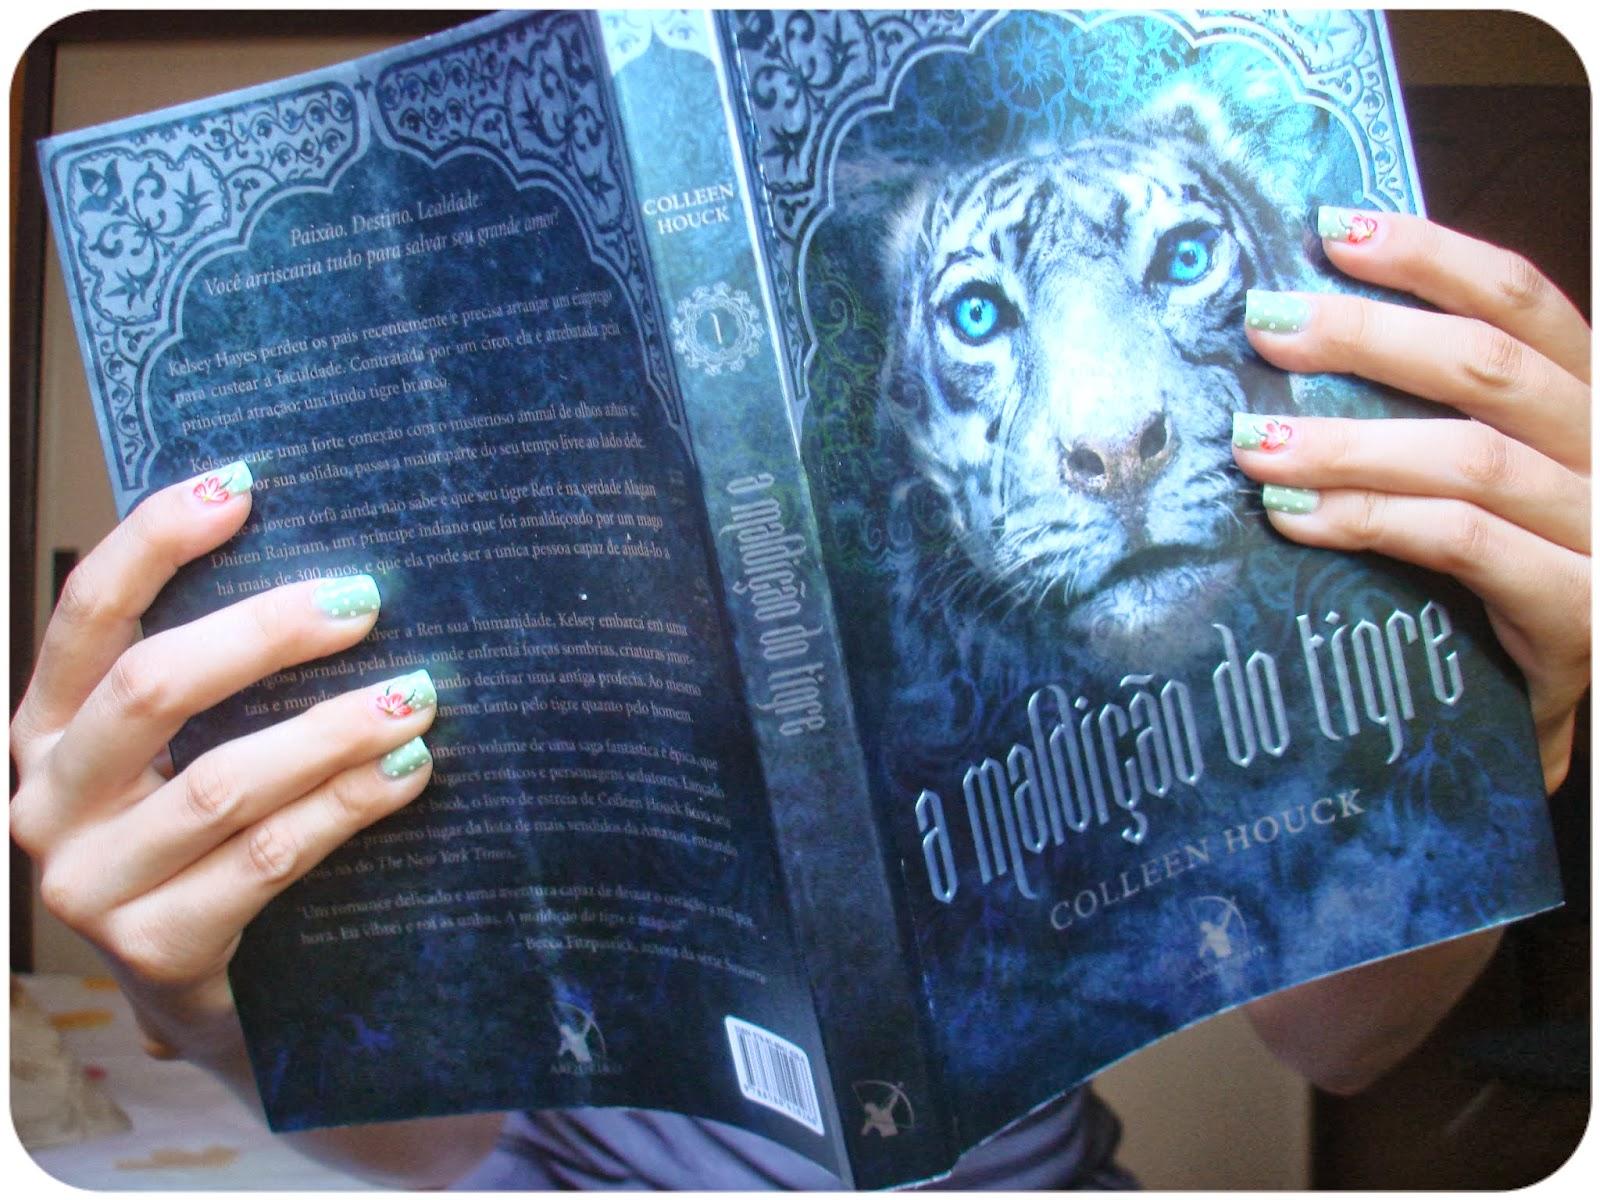 Frases A Maldição Do Tigre Entre Livros E Trânsitos